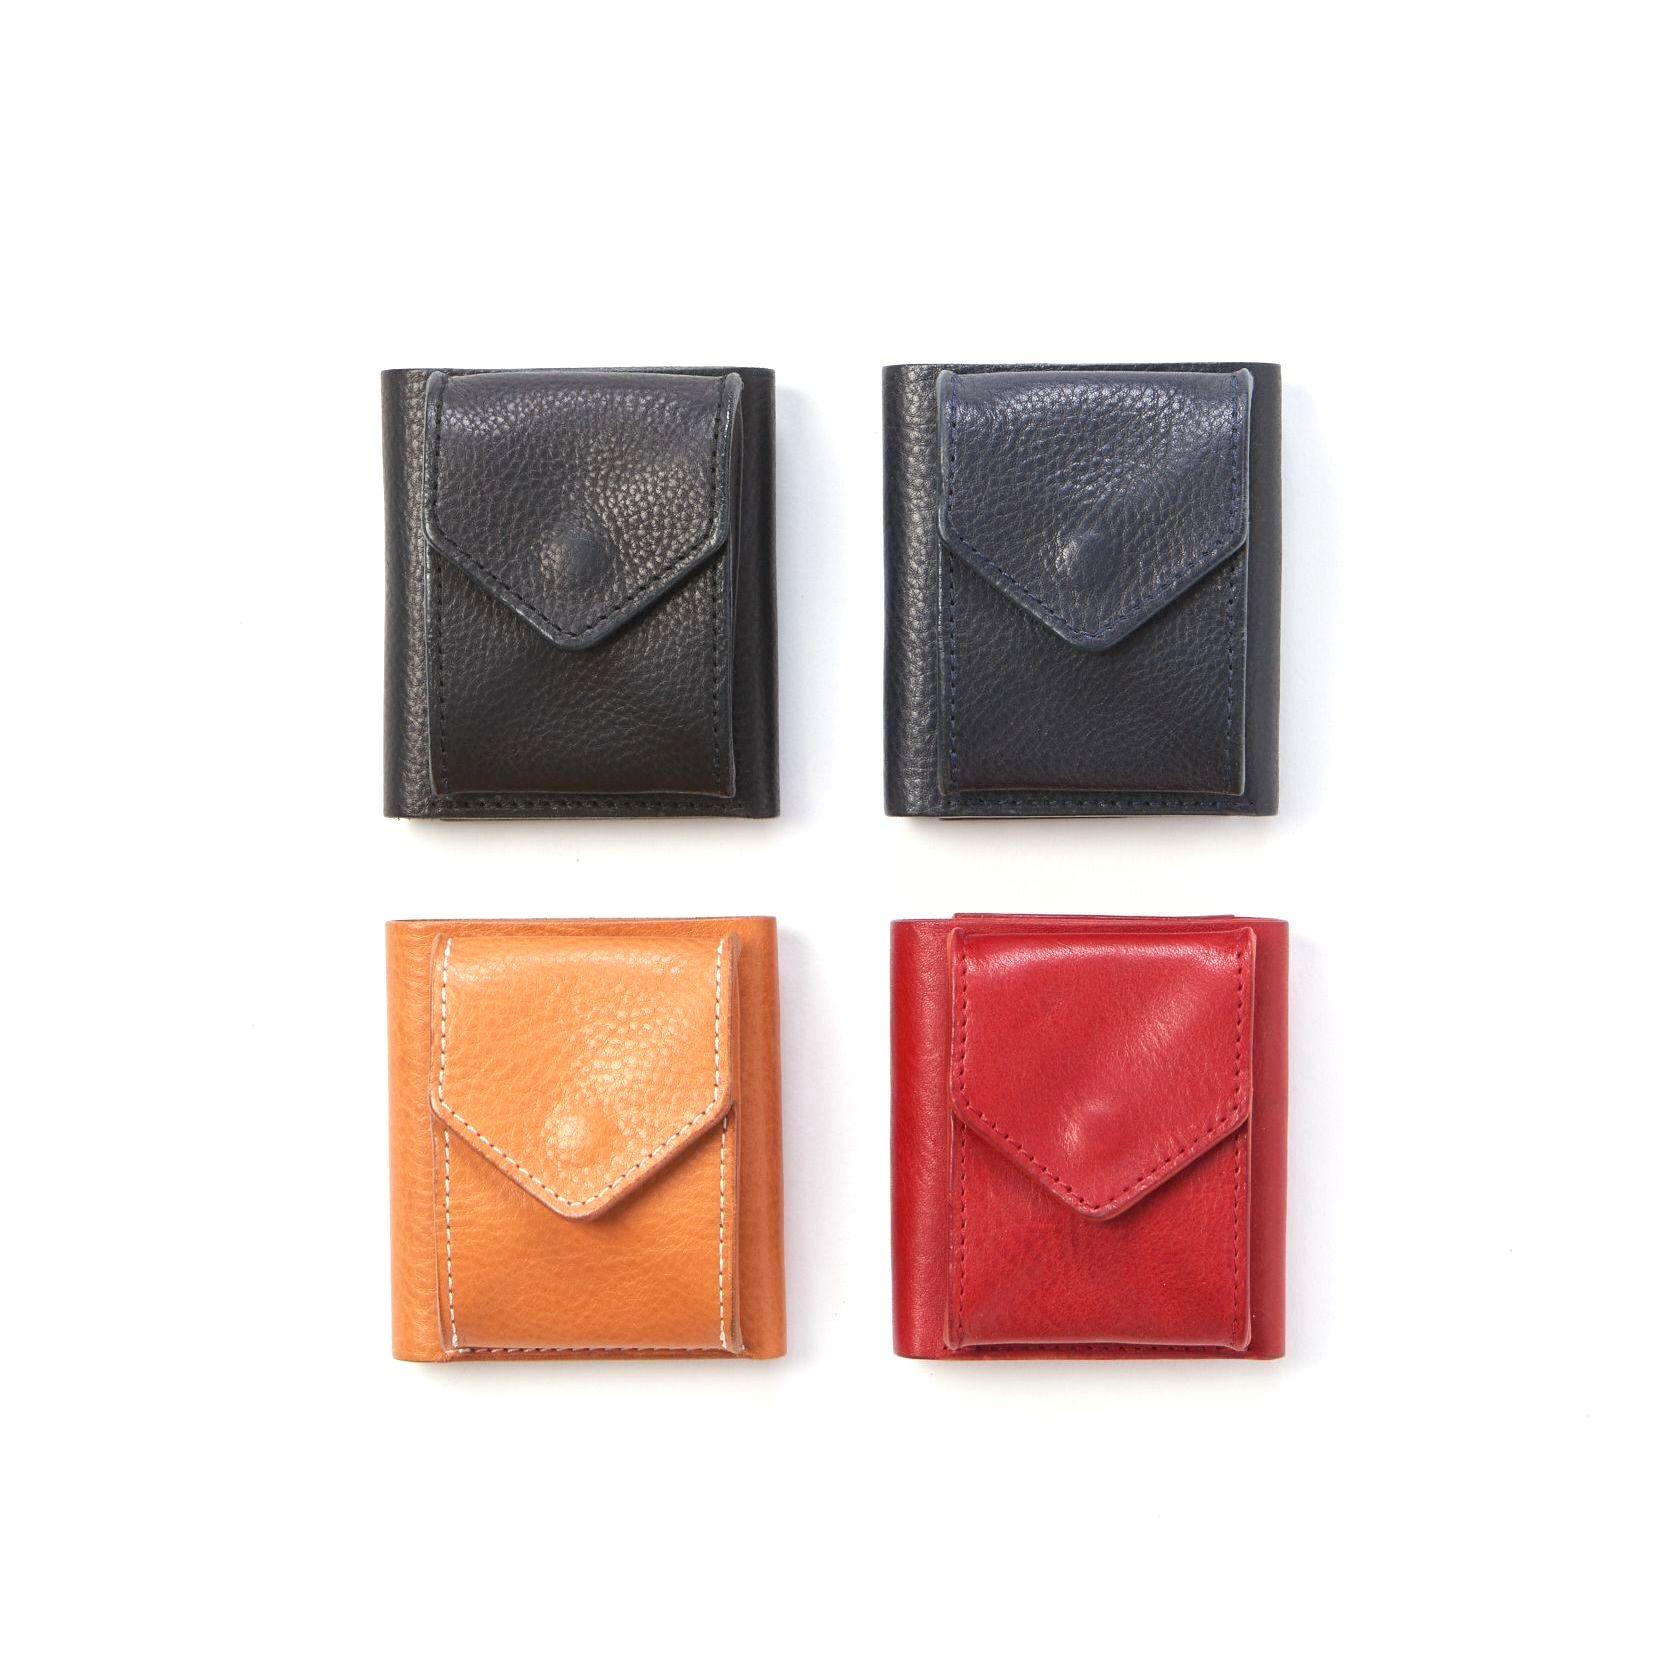 Hender Scheme / trifold wallet